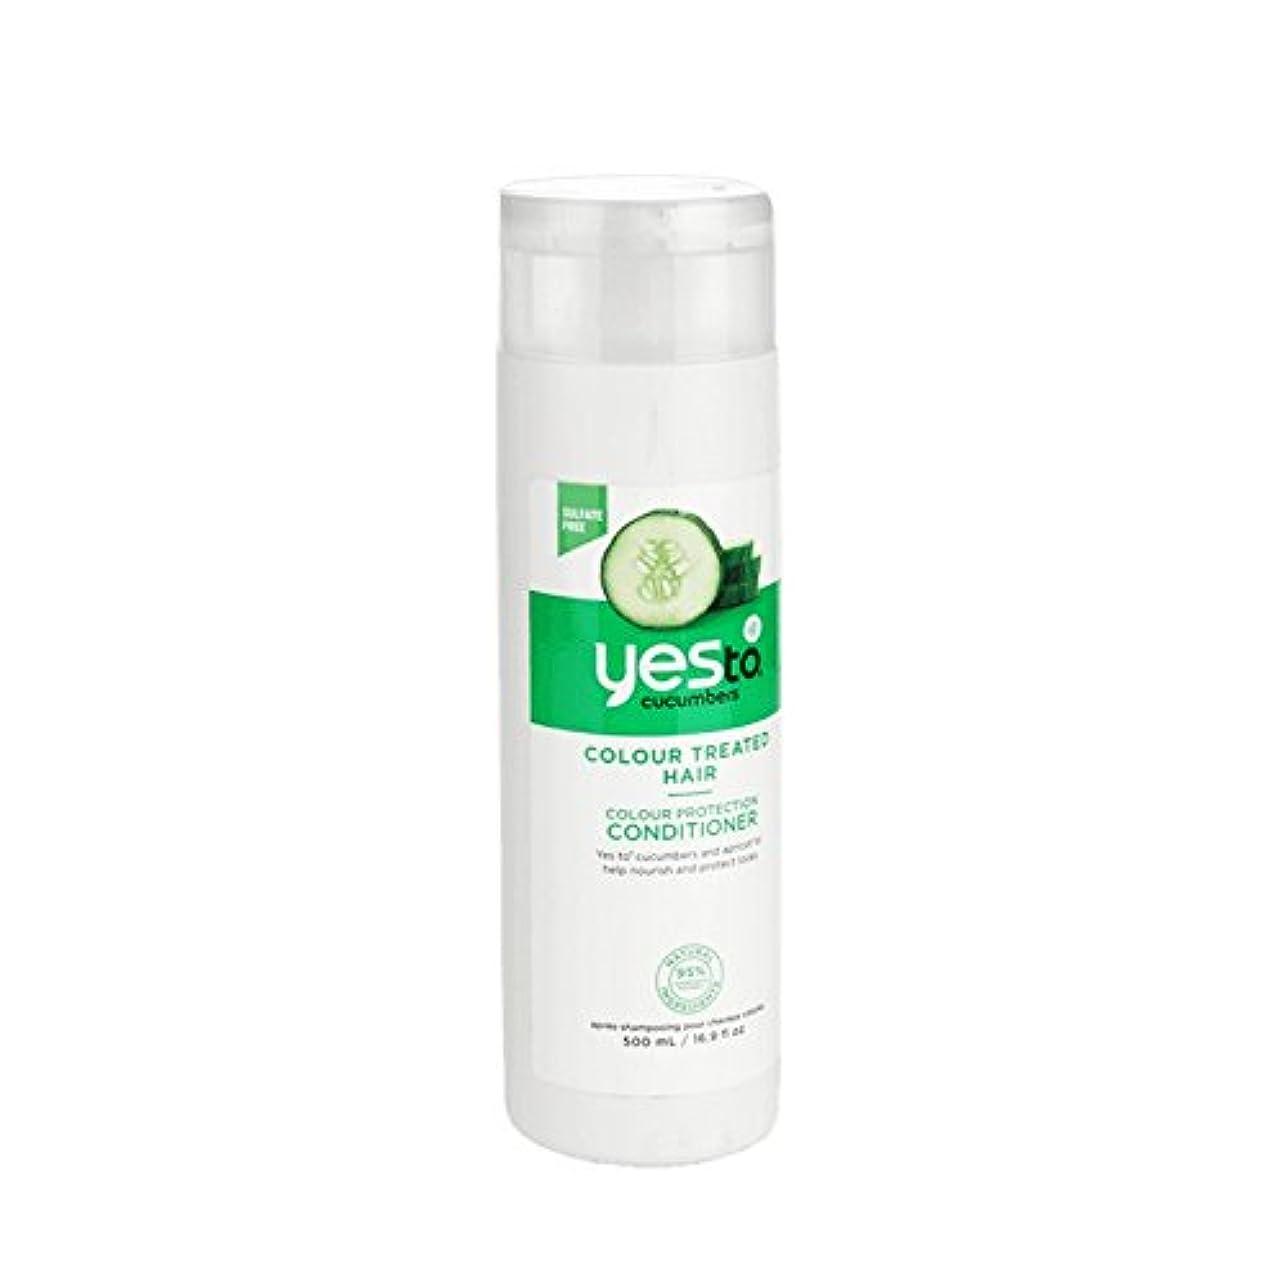 不名誉な好き望遠鏡Yes To Cucumbers Colour Protection Conditioner 500ml (Pack of 2) - はいキュウリの色の保護コンディショナー500ミリリットルへ (x2) [並行輸入品]